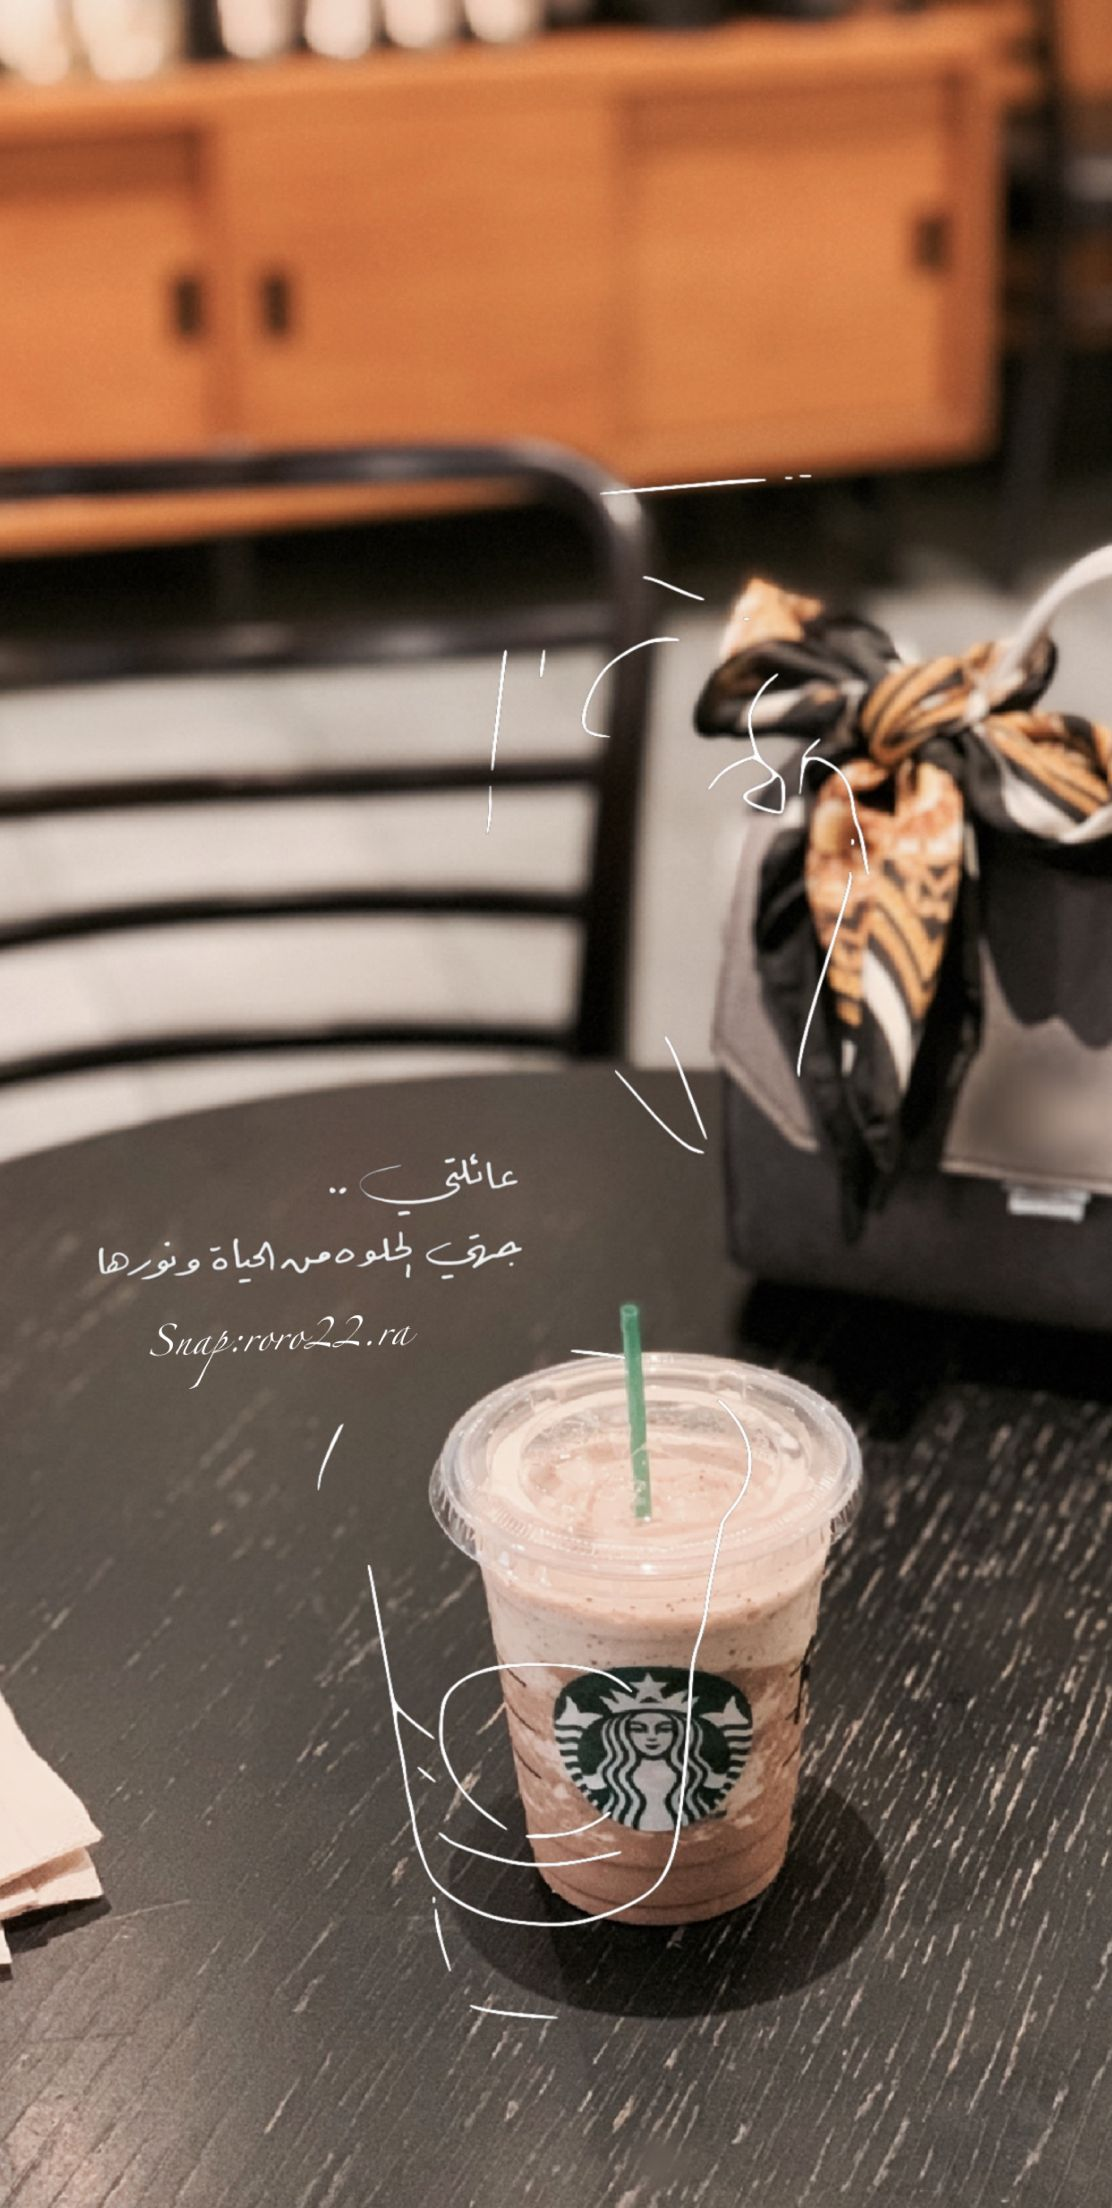 ستاربكس قهوة Best Smile Quotes Laughing Quotes Beautiful Arabic Words